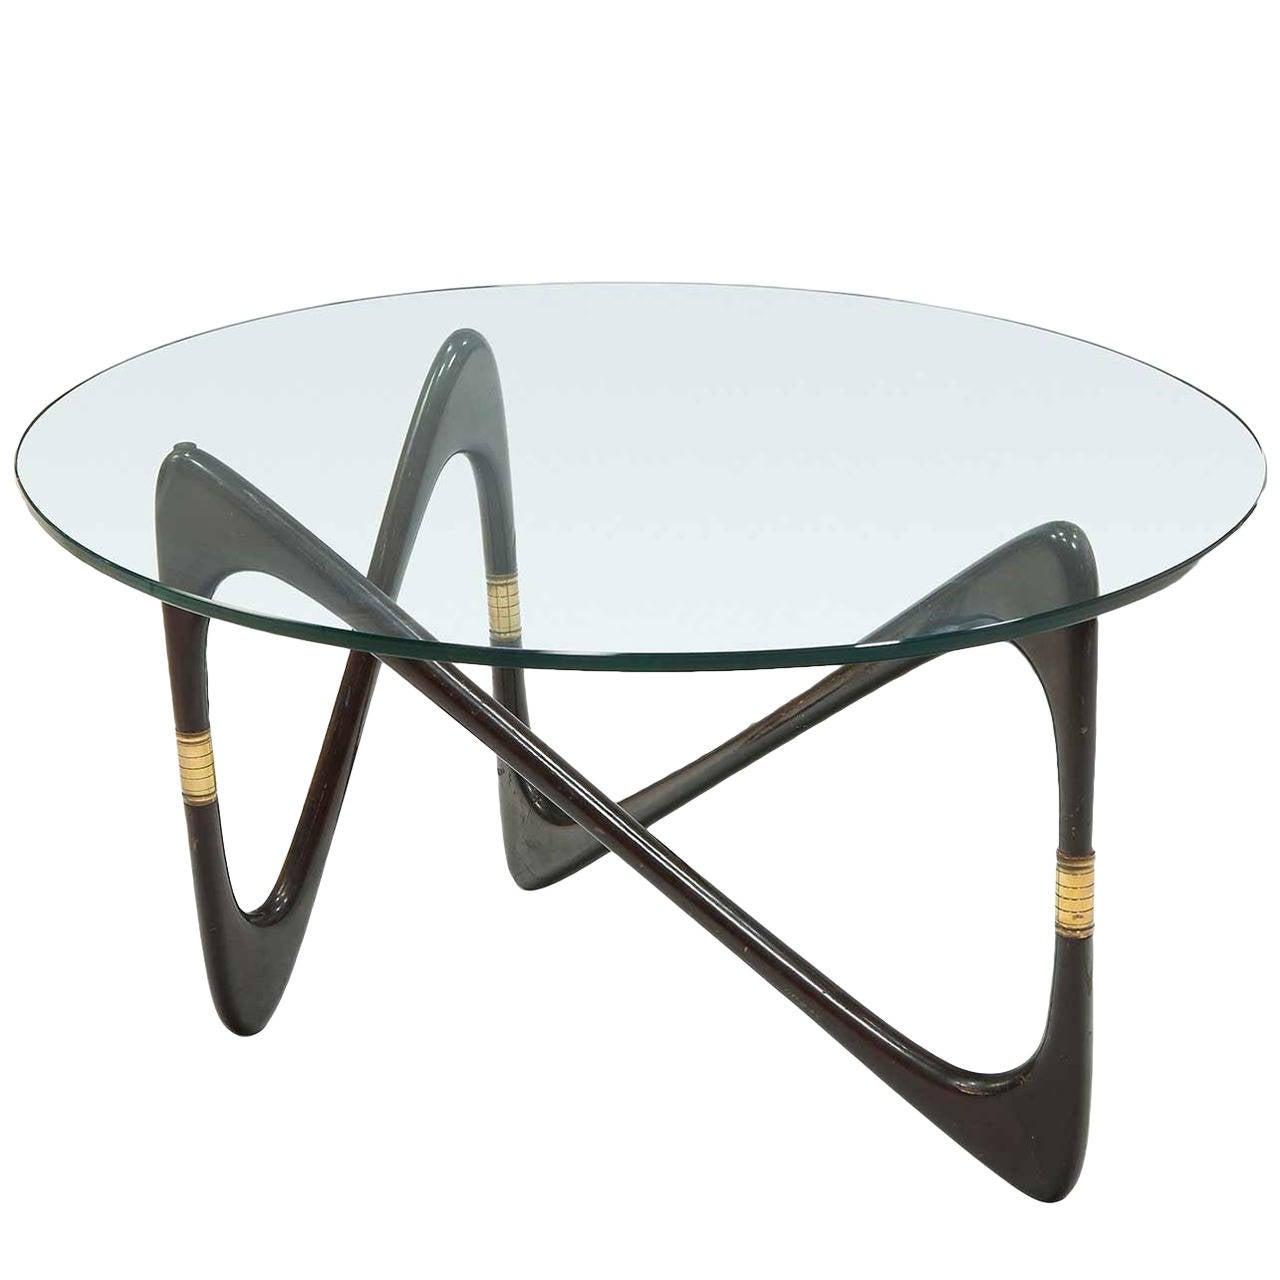 Italian Coffee Table 1950s Italian Coffee Table By Cesare Lacca At 1stdibs